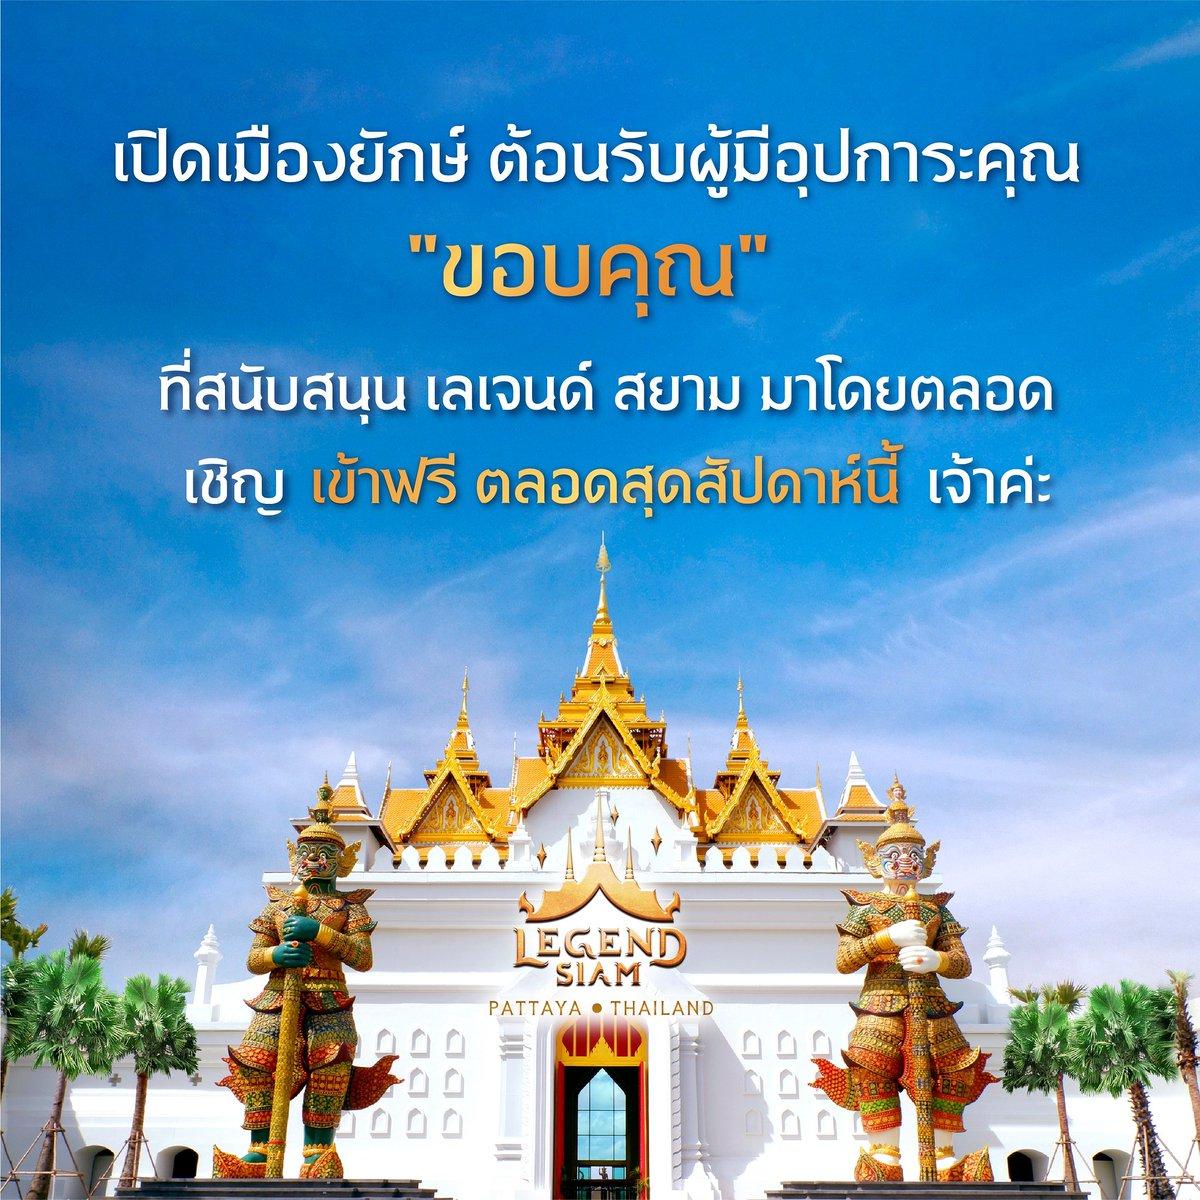 สุดสัปดาห์นี้มาสนุกส่งท้ายกันเยอะๆนะขอรับ #legendsiampattaya #เลเจนด์สยาม #pattaya #travelthailand #funpark #thaithemeparkpic.twitter.com/PQgXsRu3rd